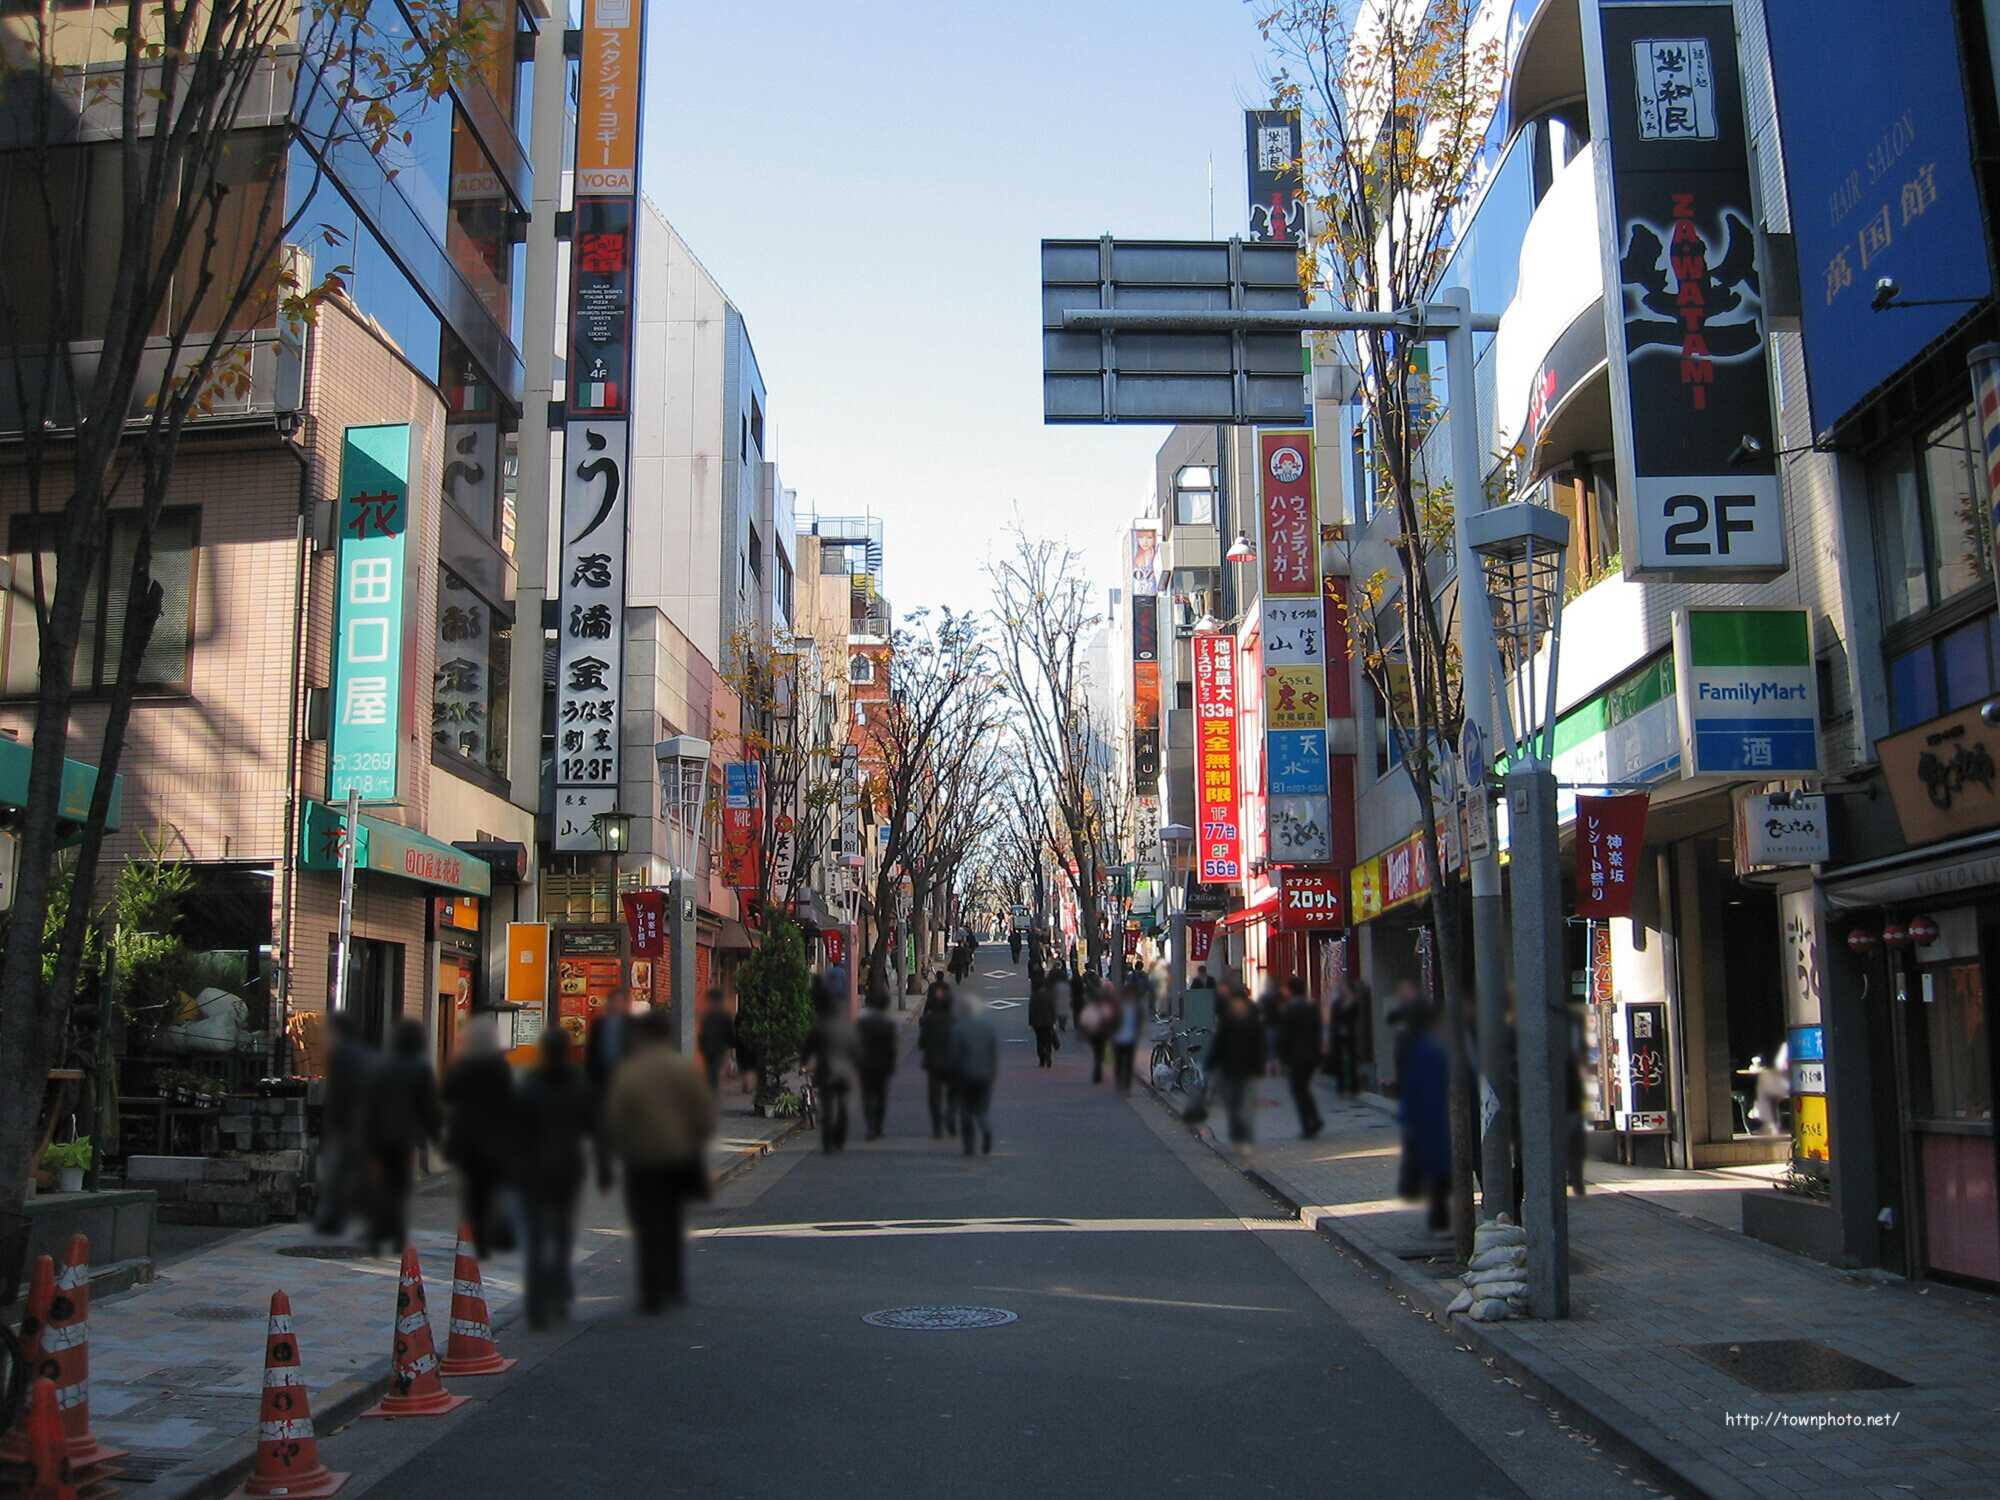 東京都新宿区 神楽坂の紹介(写真70枚) 本多横町など